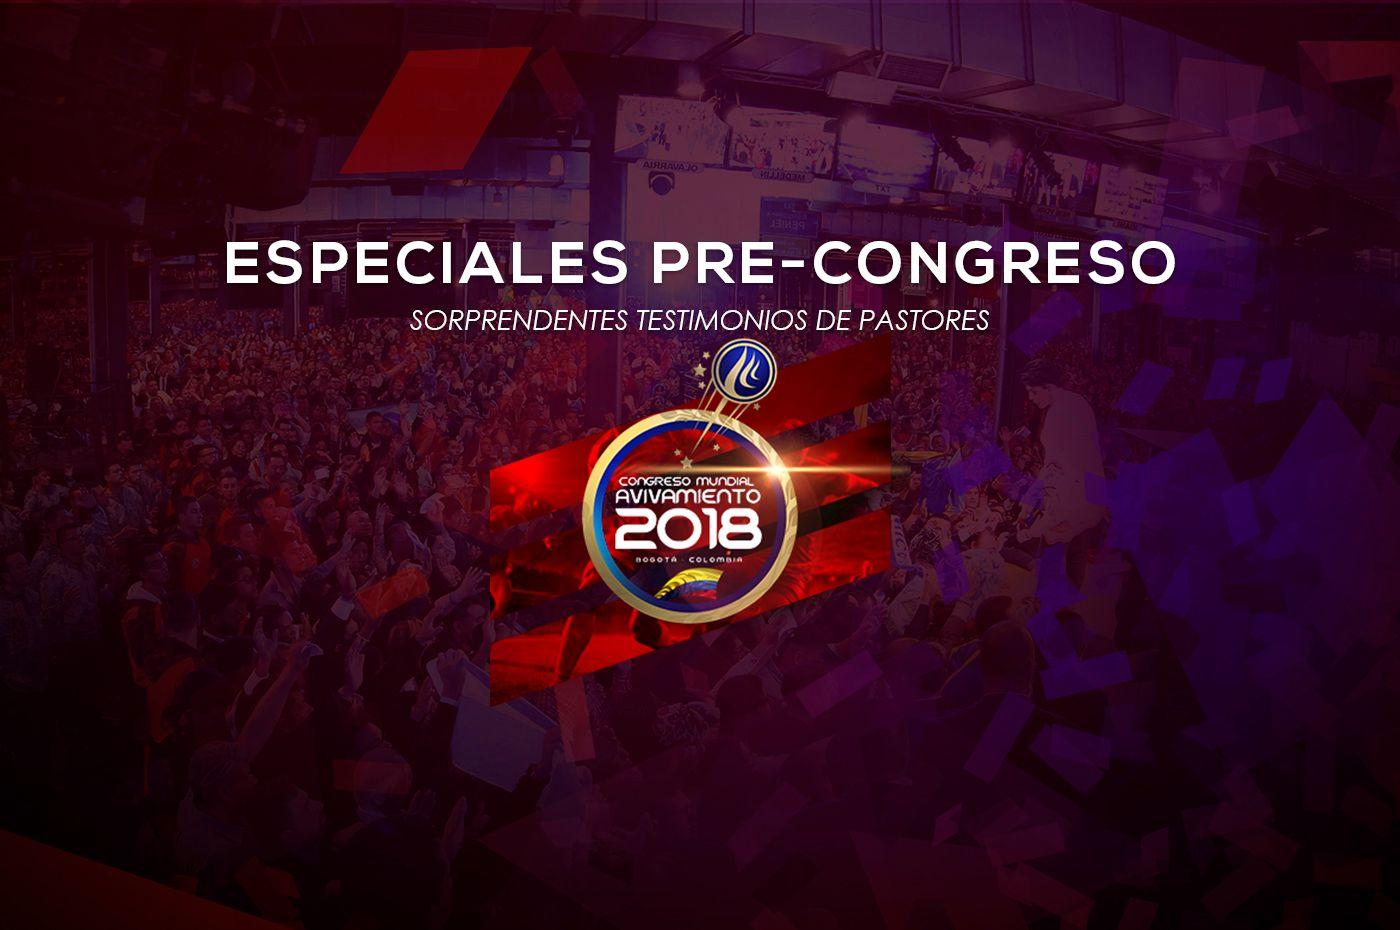 Poderosos especiales de congreso todos los viernes a las 3:00 p.m